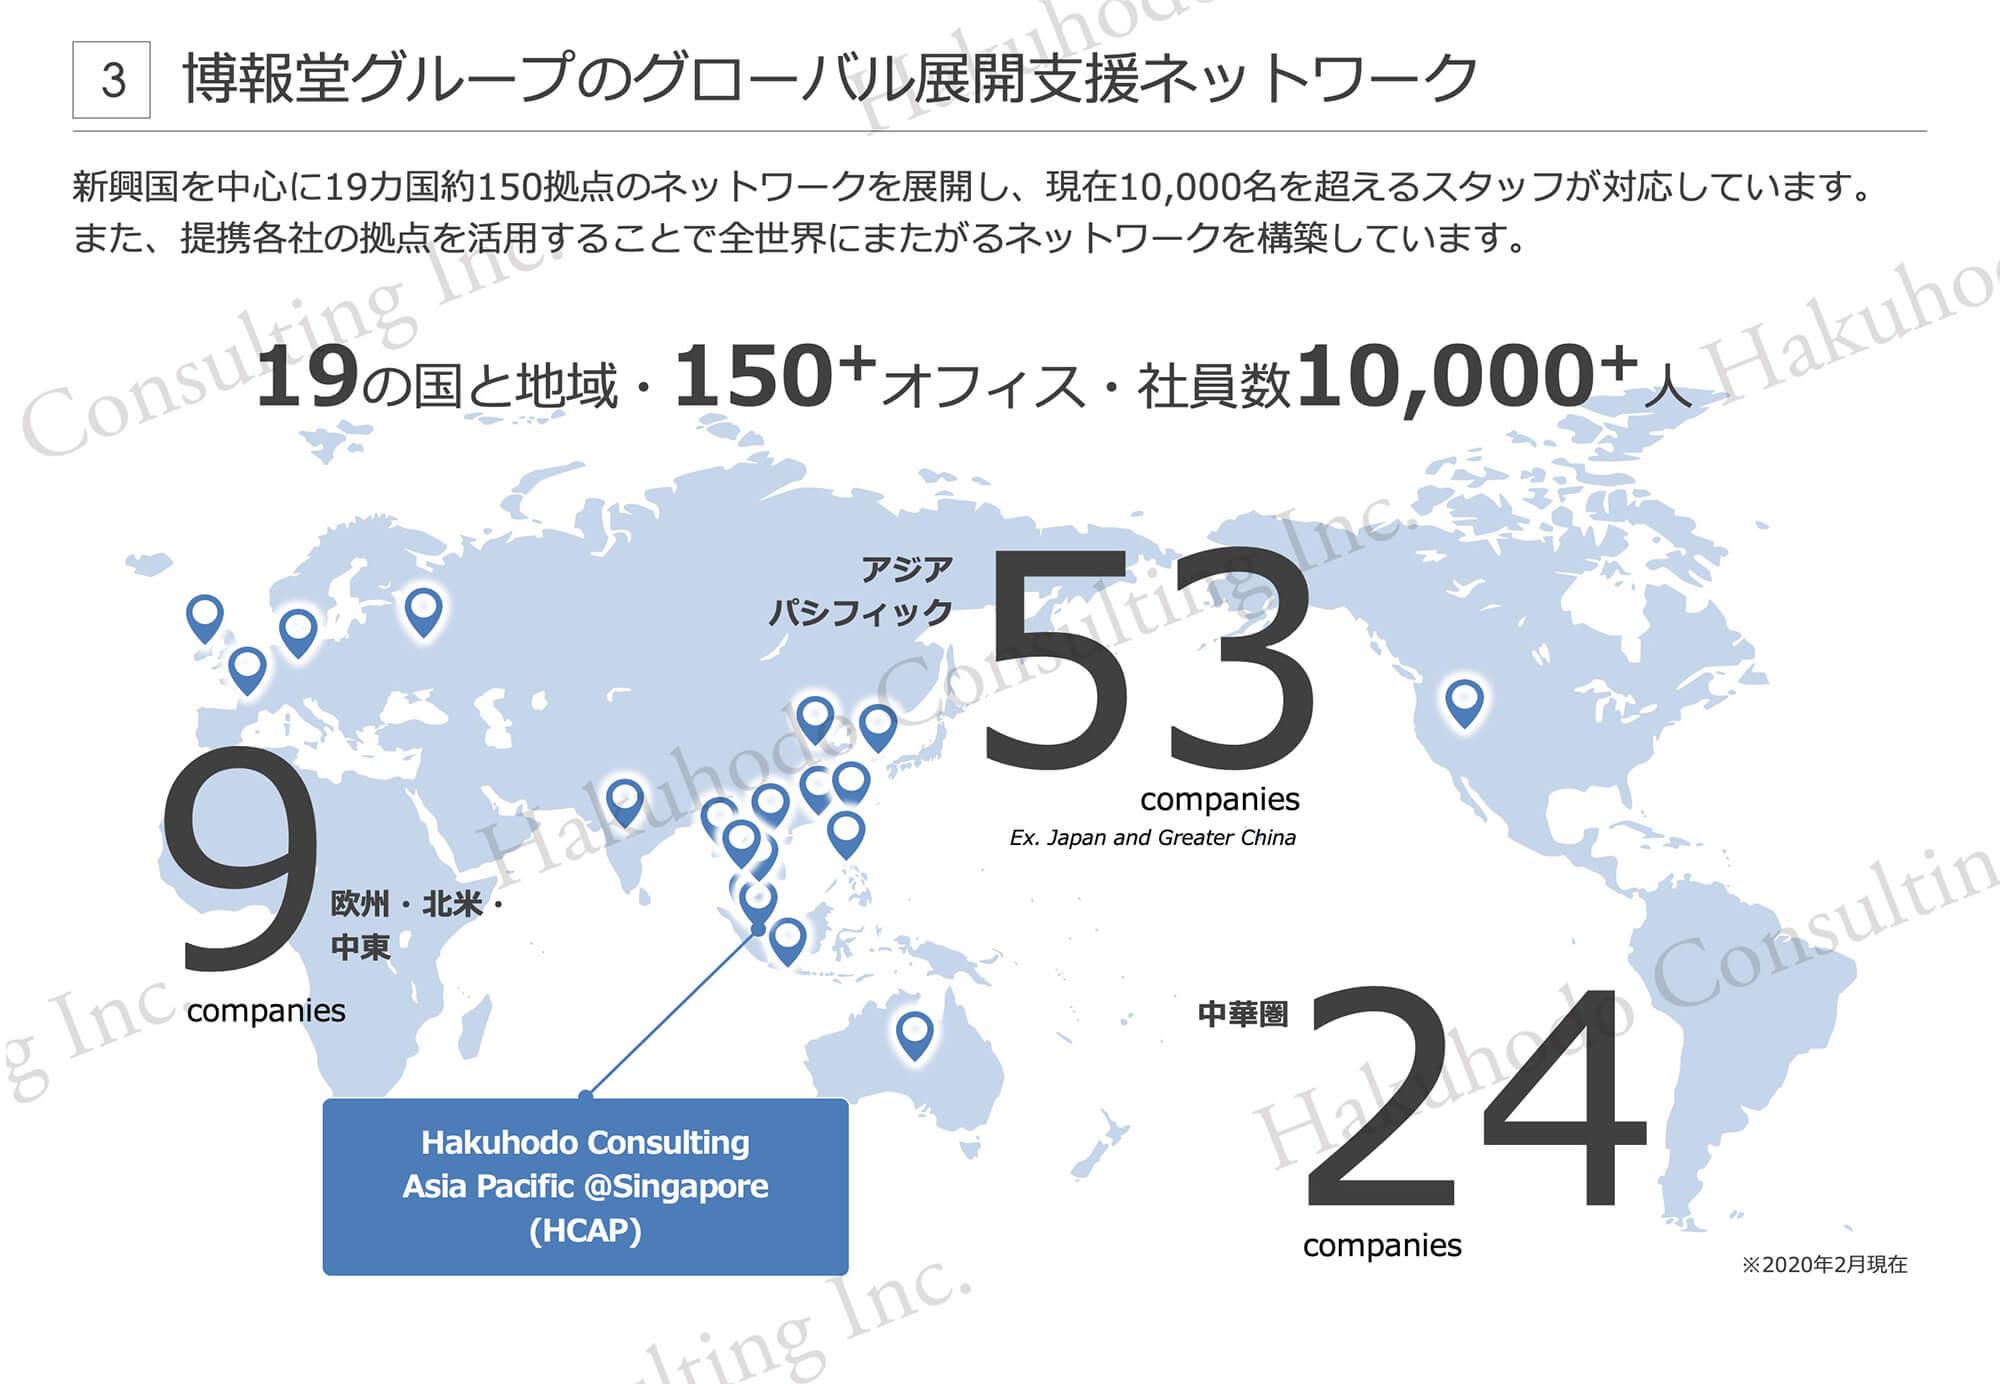 博報堂グループのグローバル展開支援ネットワーク